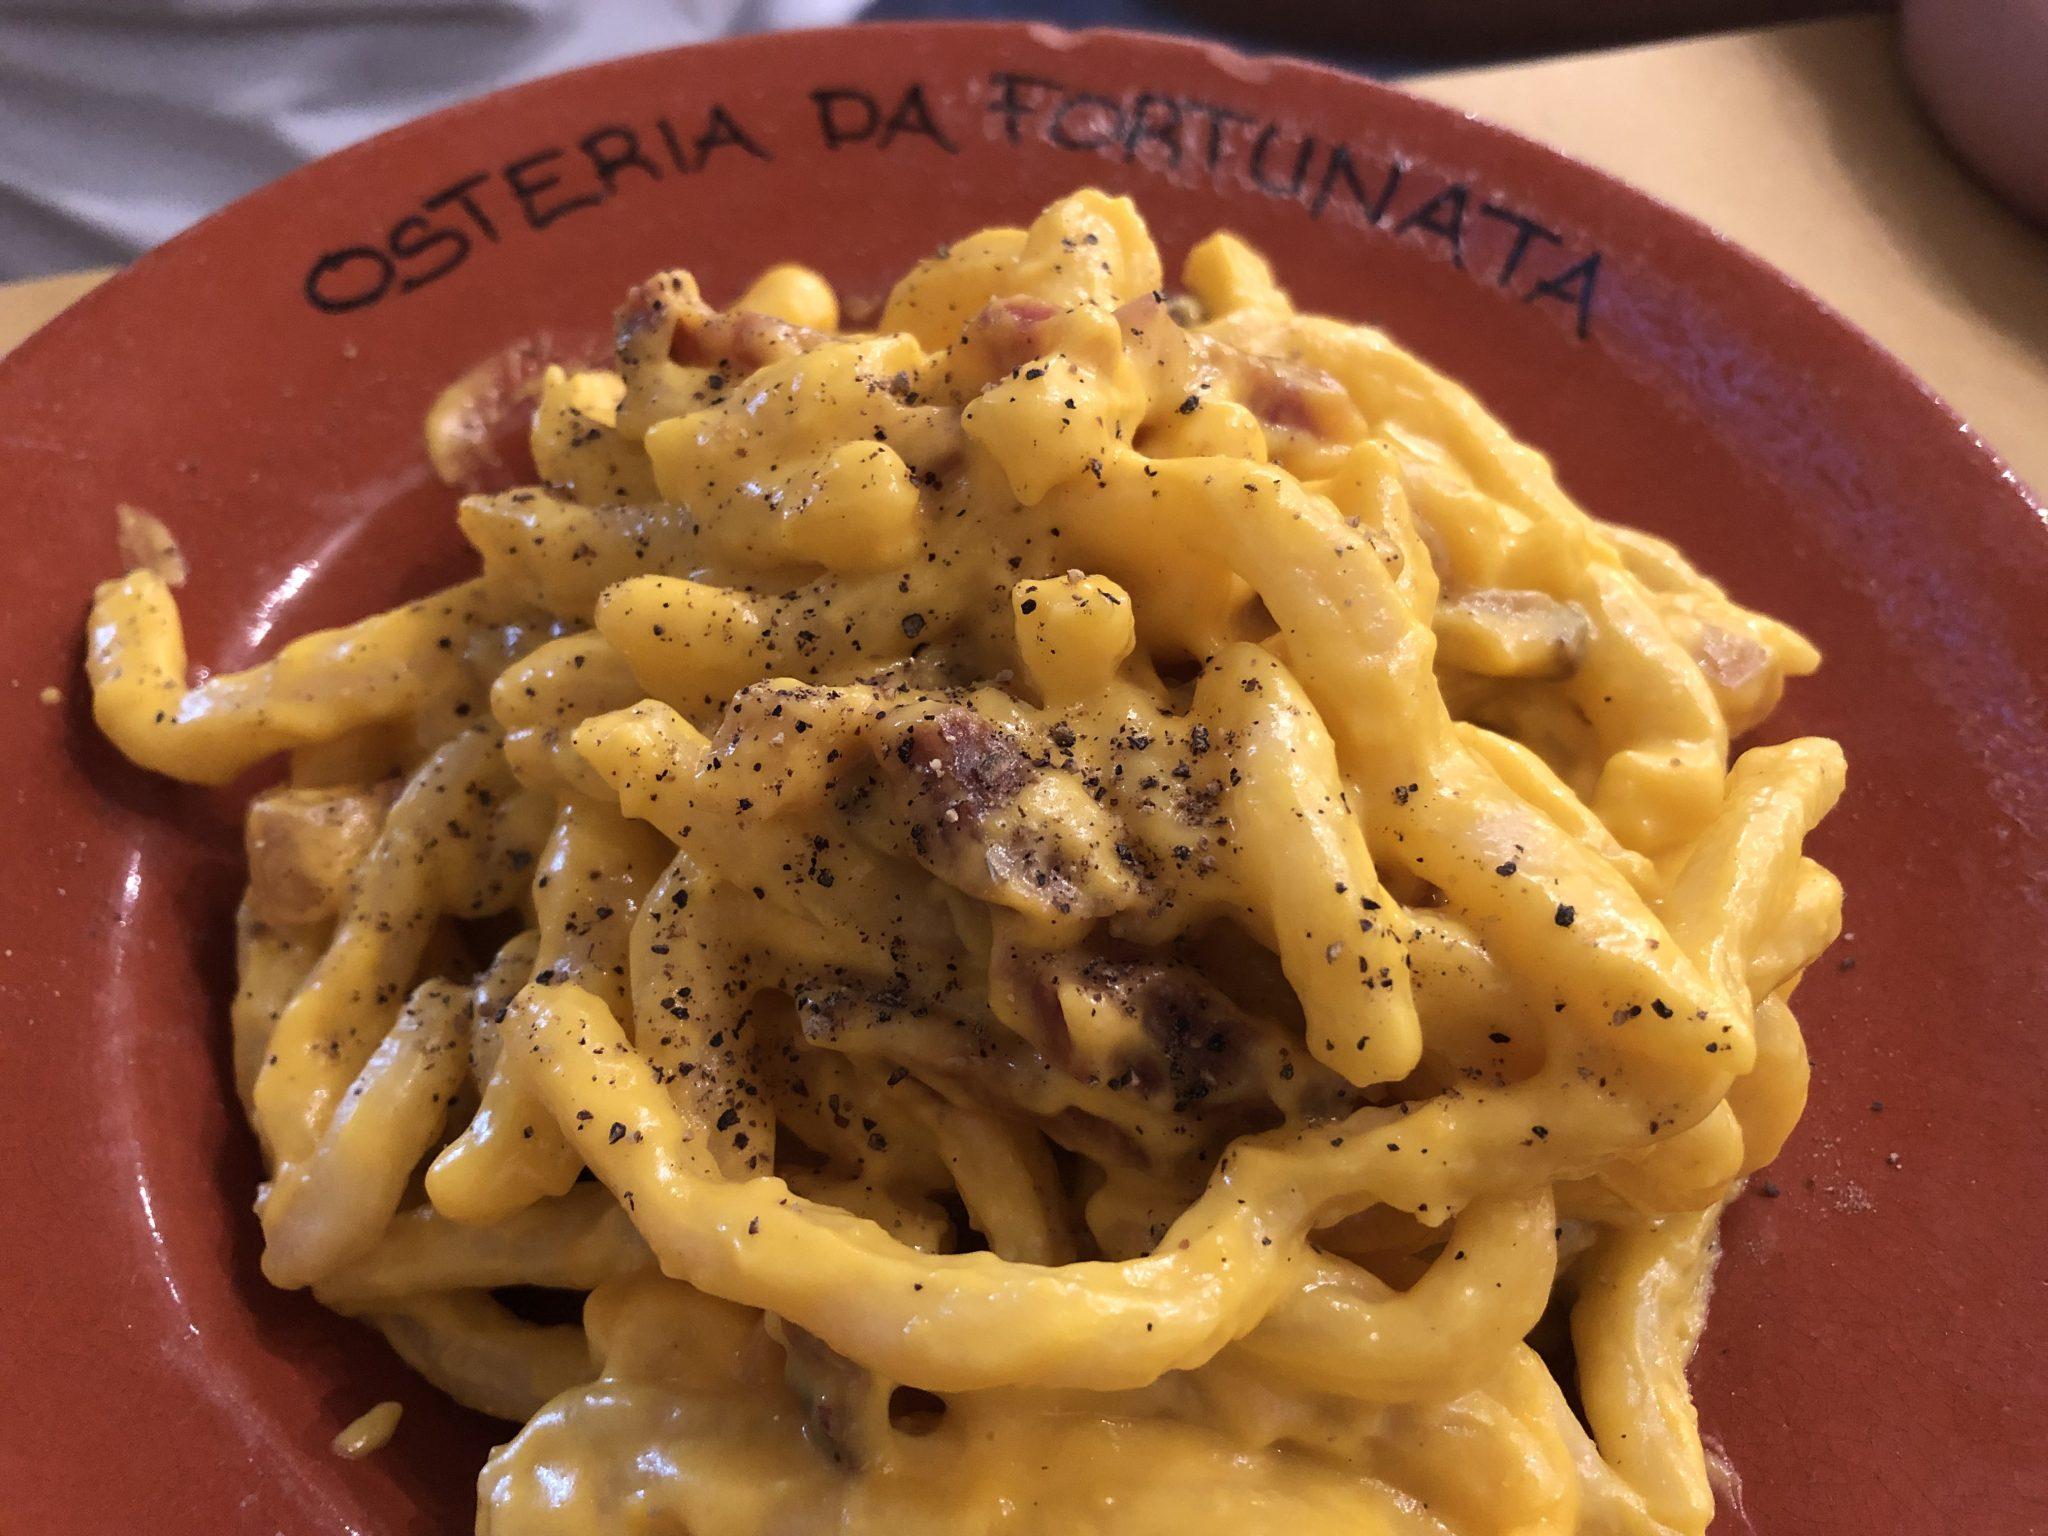 La mejor pasta carbonara de Roma. Fortunata - Pasaporte y Millas